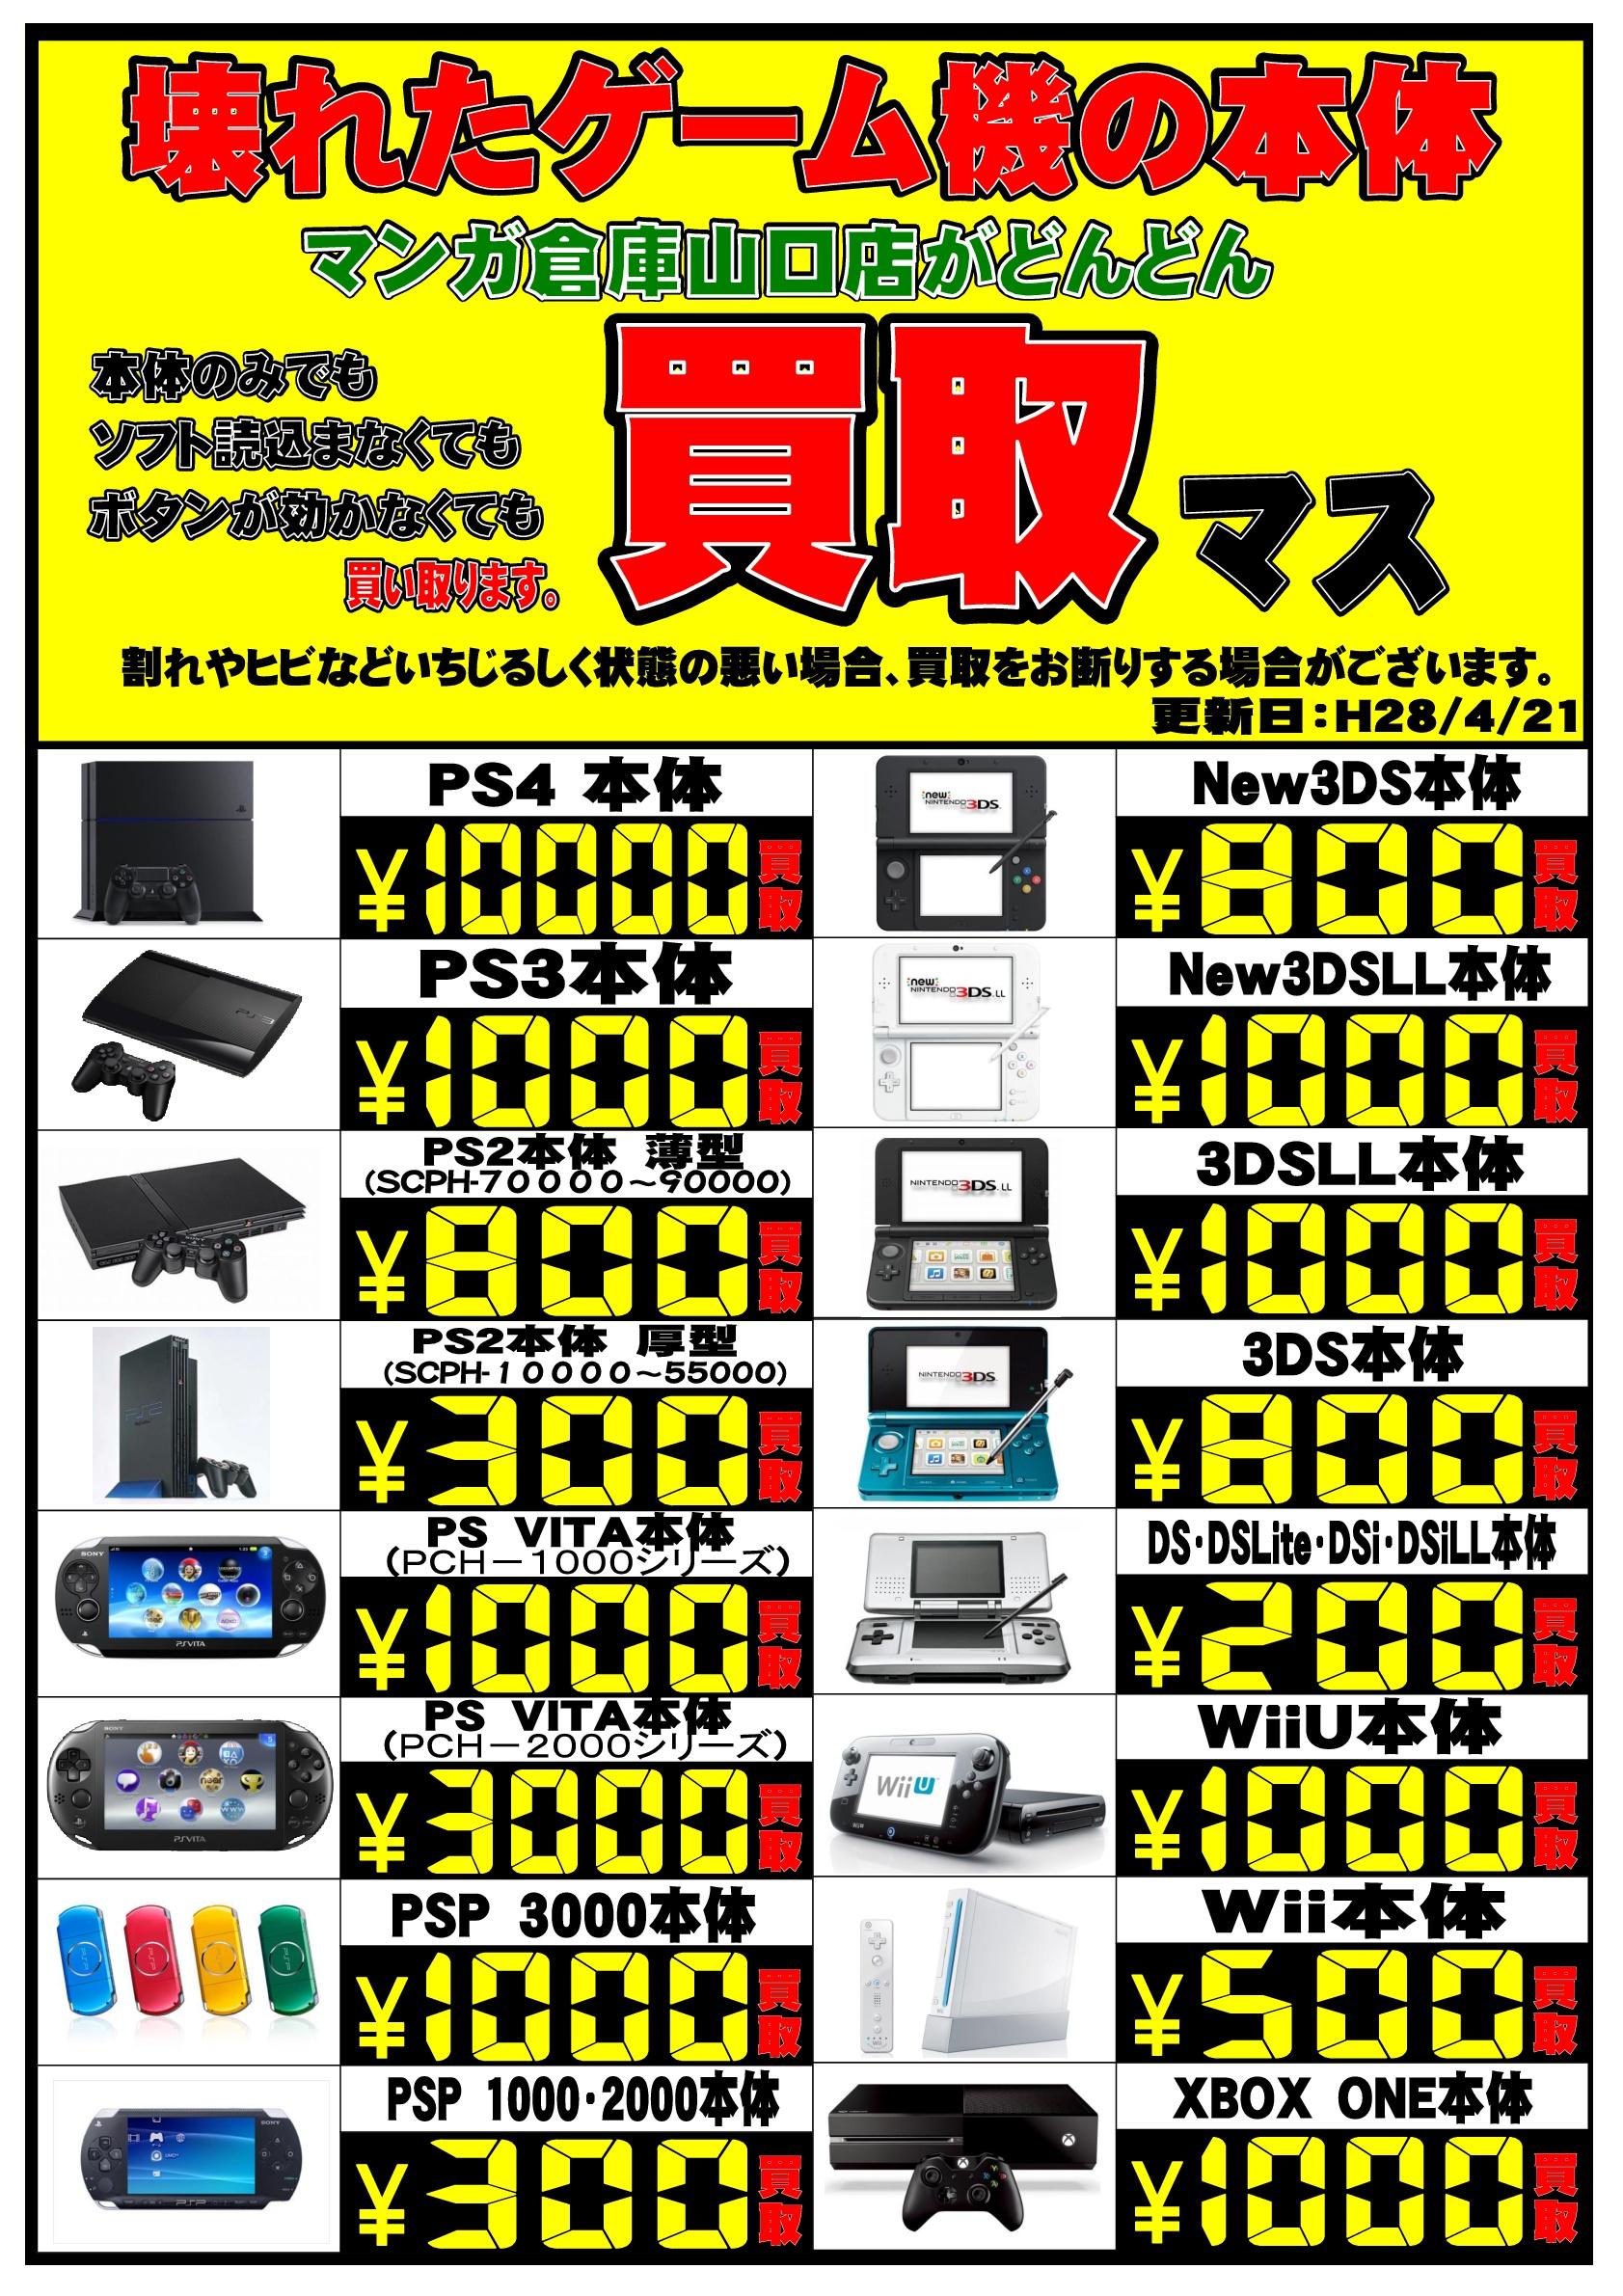 ジャンクハード買取保証POP.jpg0127